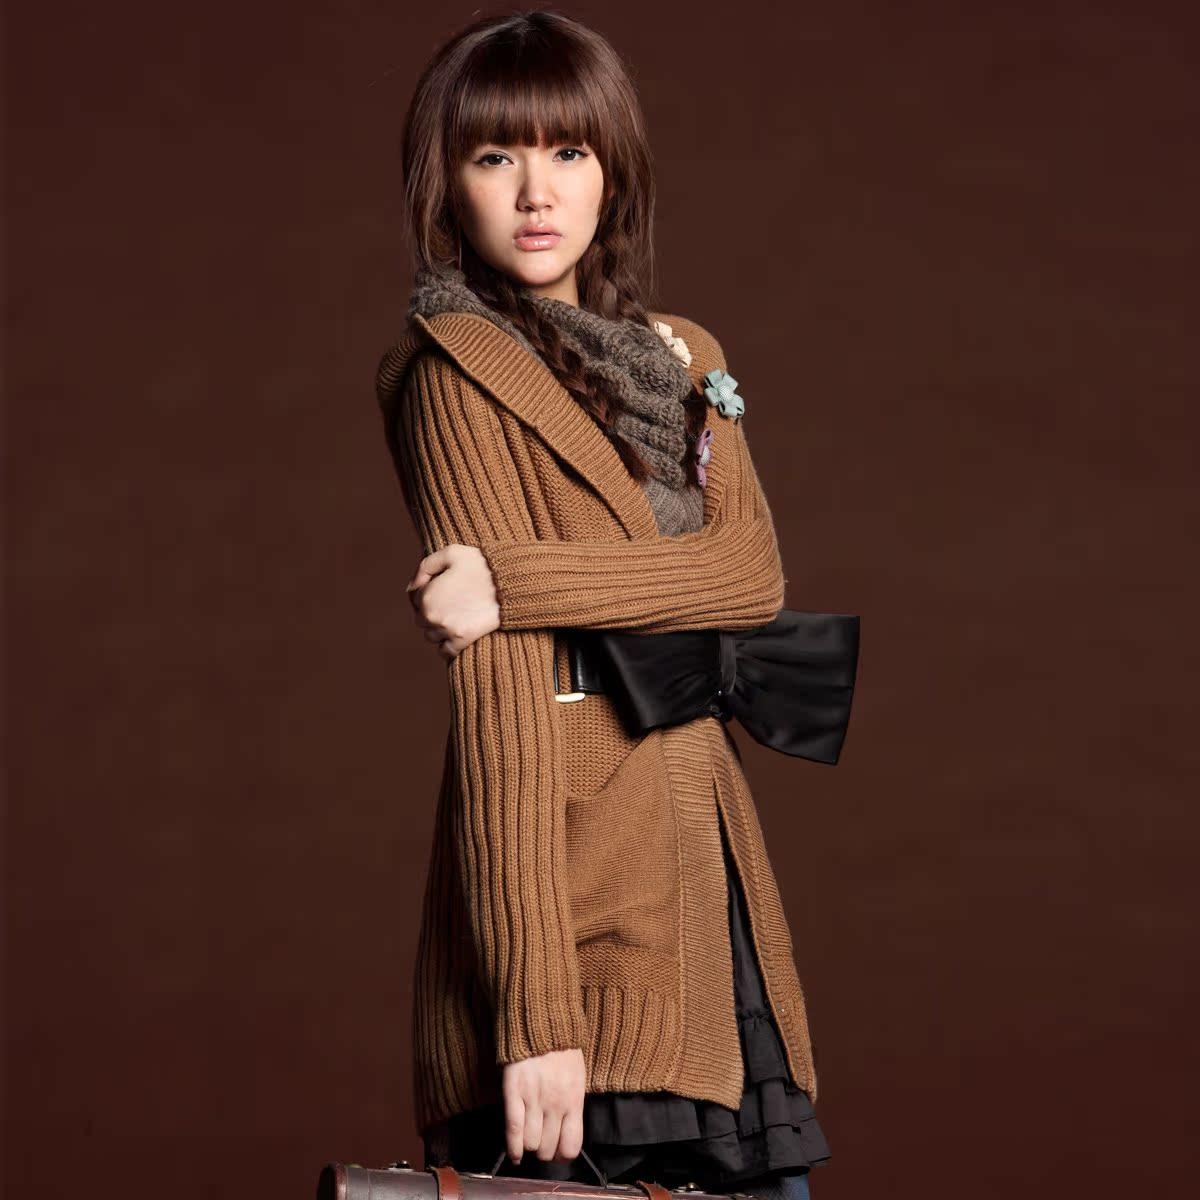 Свитер женский Autumn factories 845 Vintage Другие натуральные волокна Зима 2011 Длинный рукав Классический рукав С капюшоном